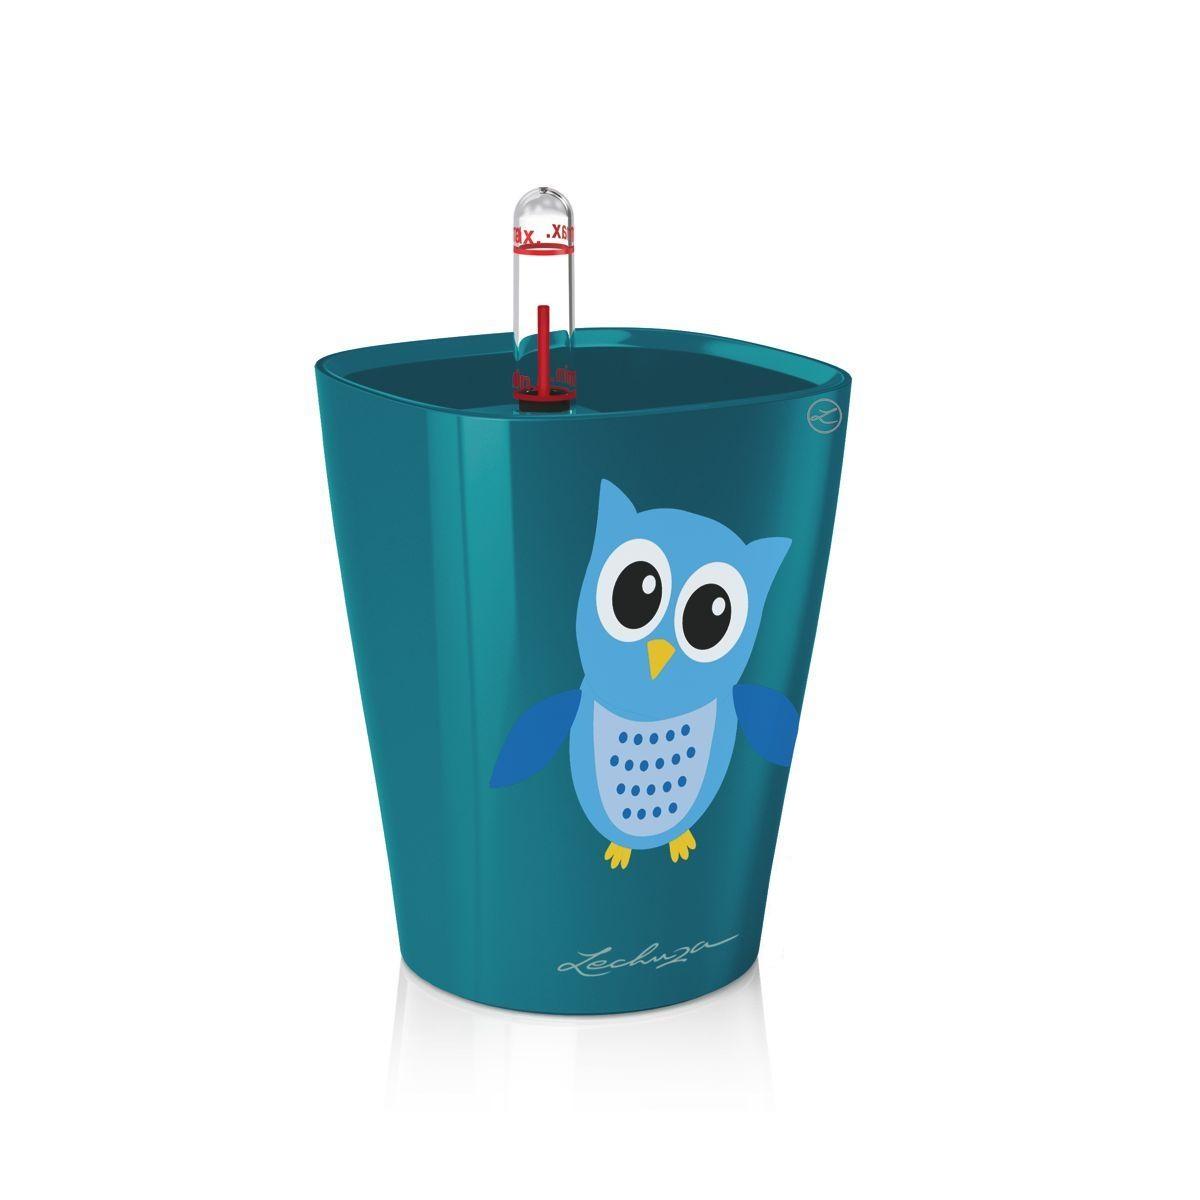 Кашпо с системой полива LECHUZAКашпо<br><br><br>Material: Пластик<br>Width см: 10<br>Depth см: 10<br>Height см: 13